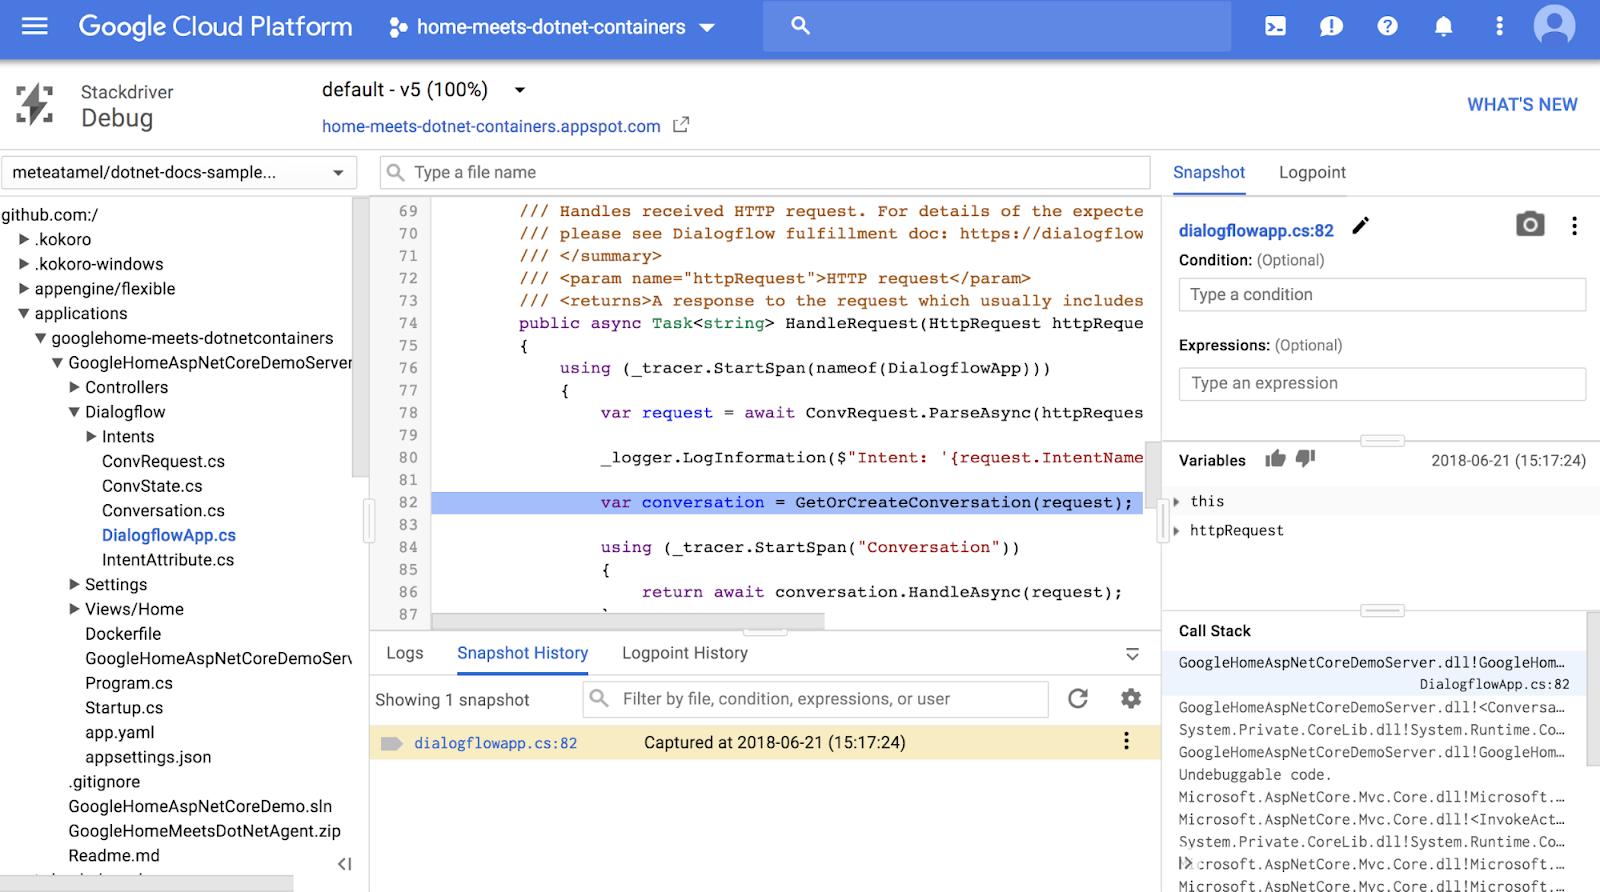 Google Cloud Platform Blog: Google Home meets  NET